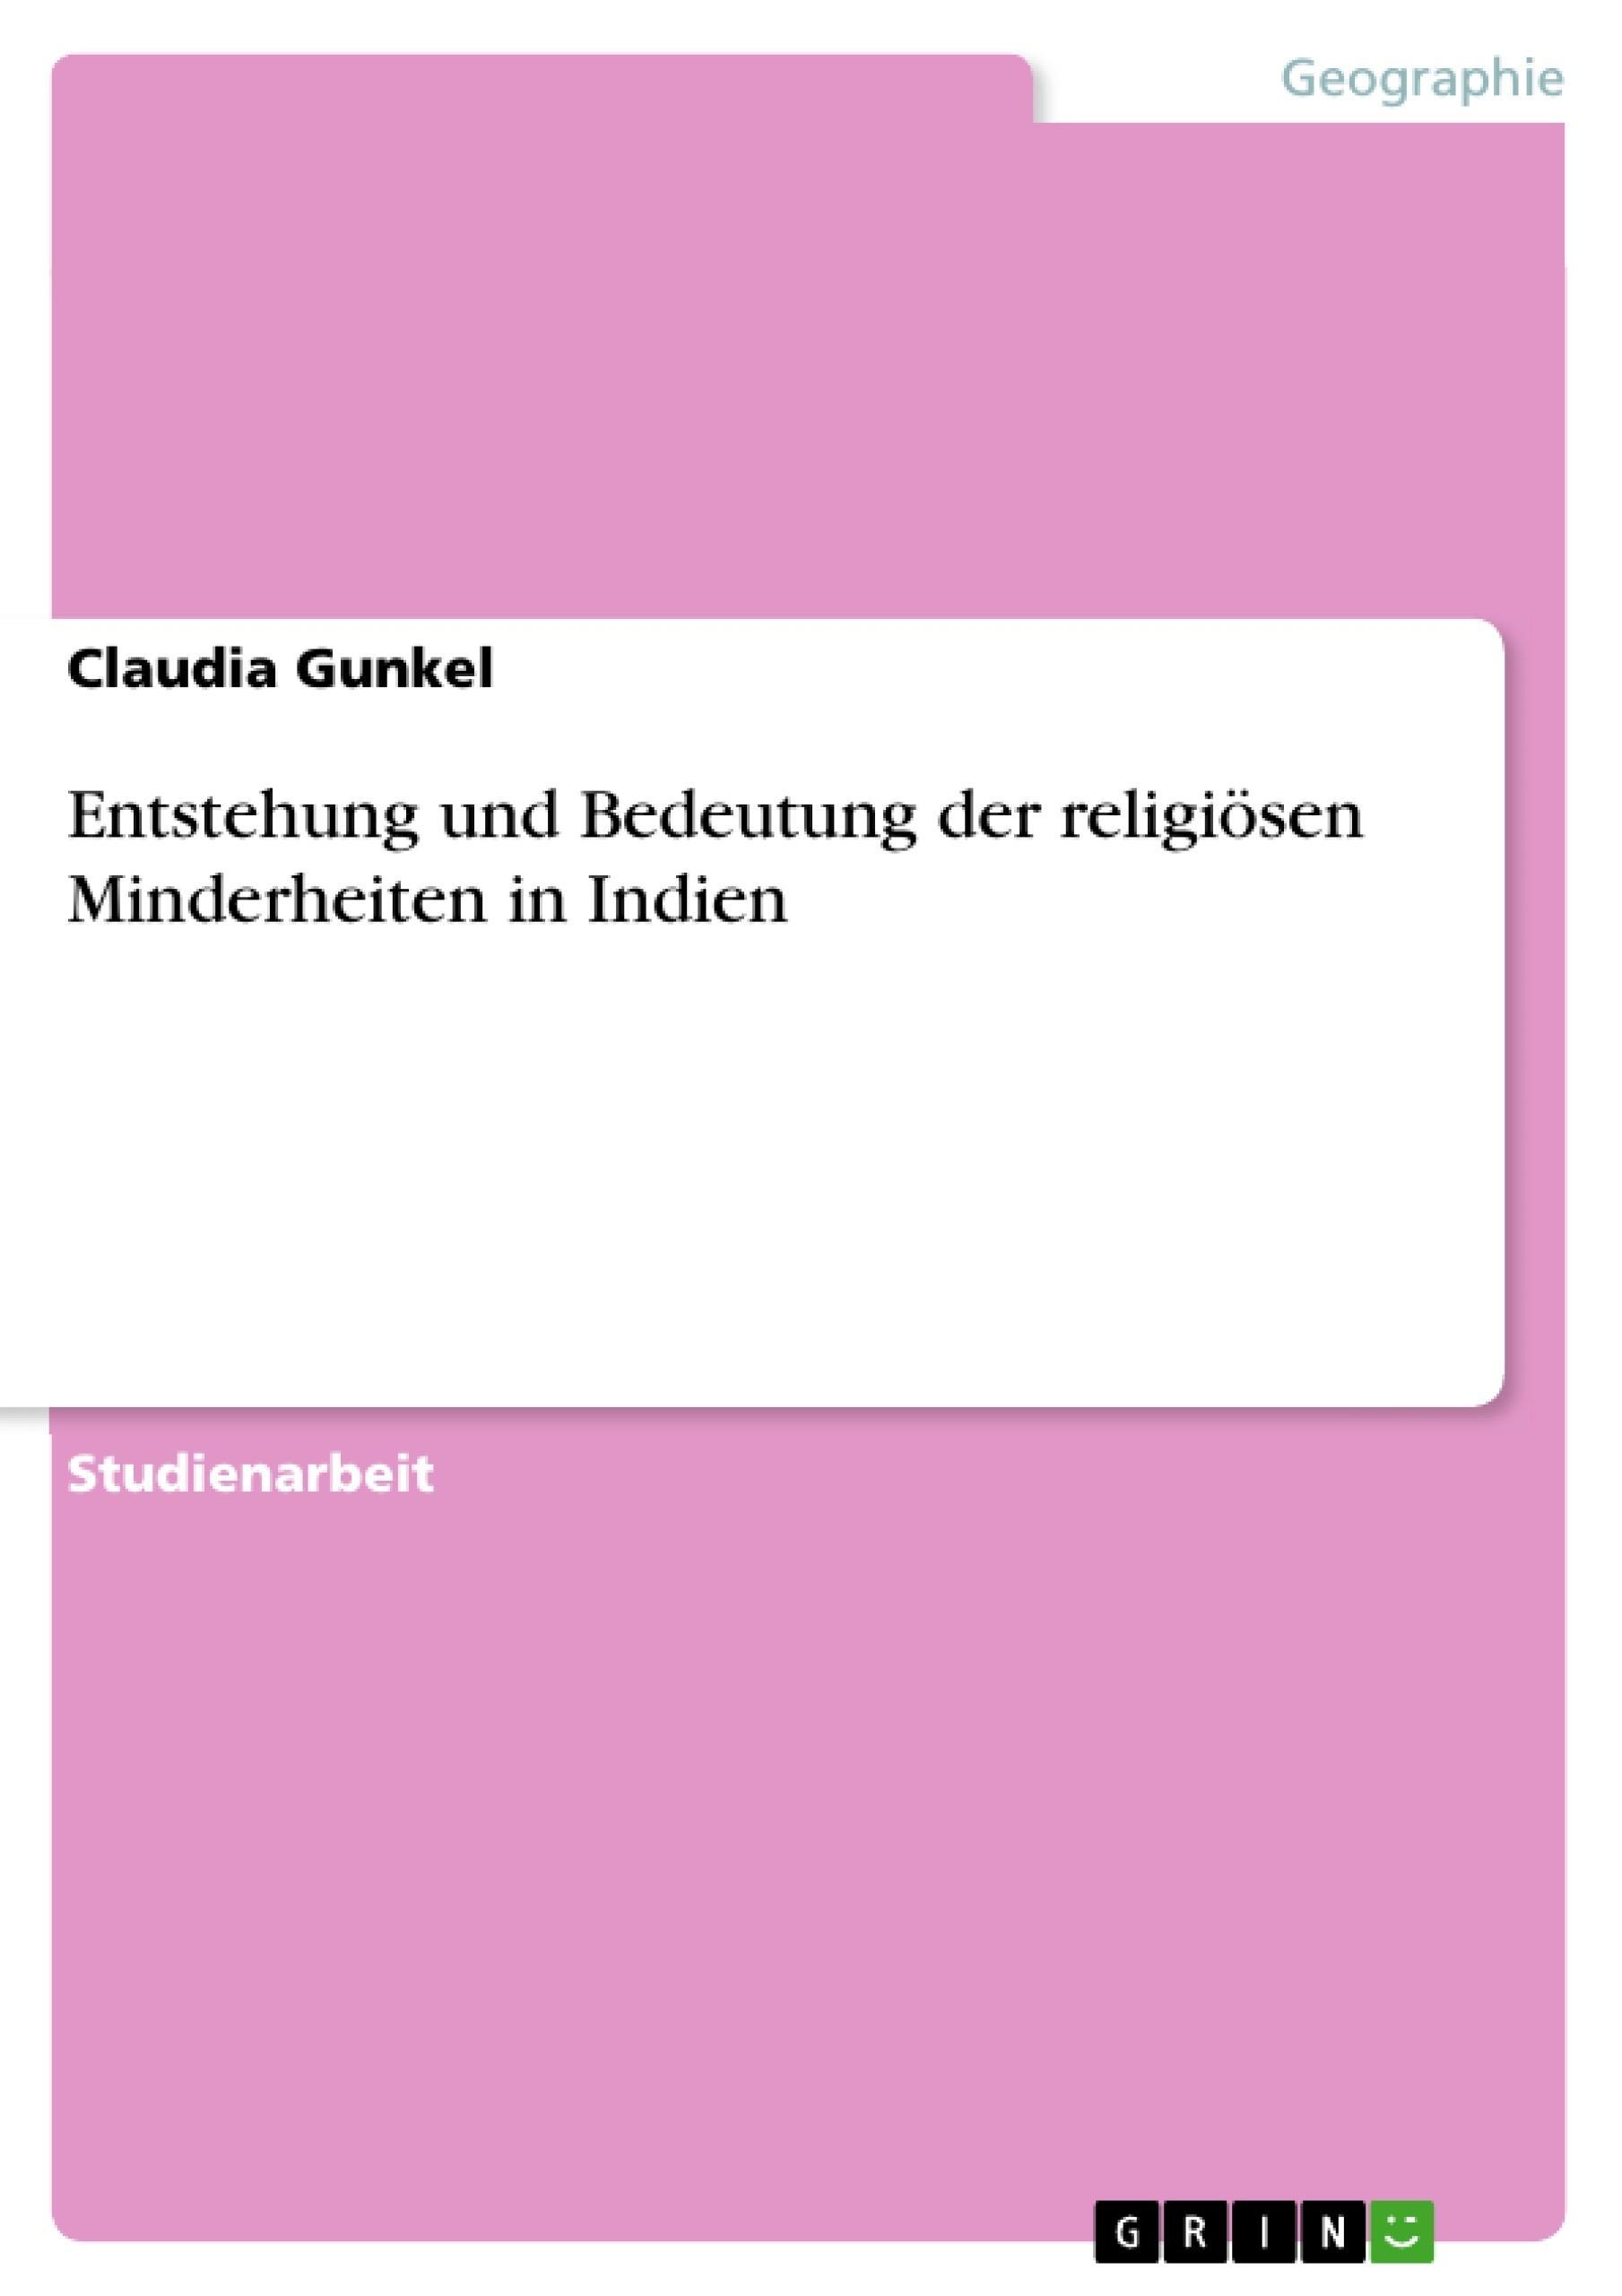 Titel: Entstehung und Bedeutung der religiösen Minderheiten in Indien